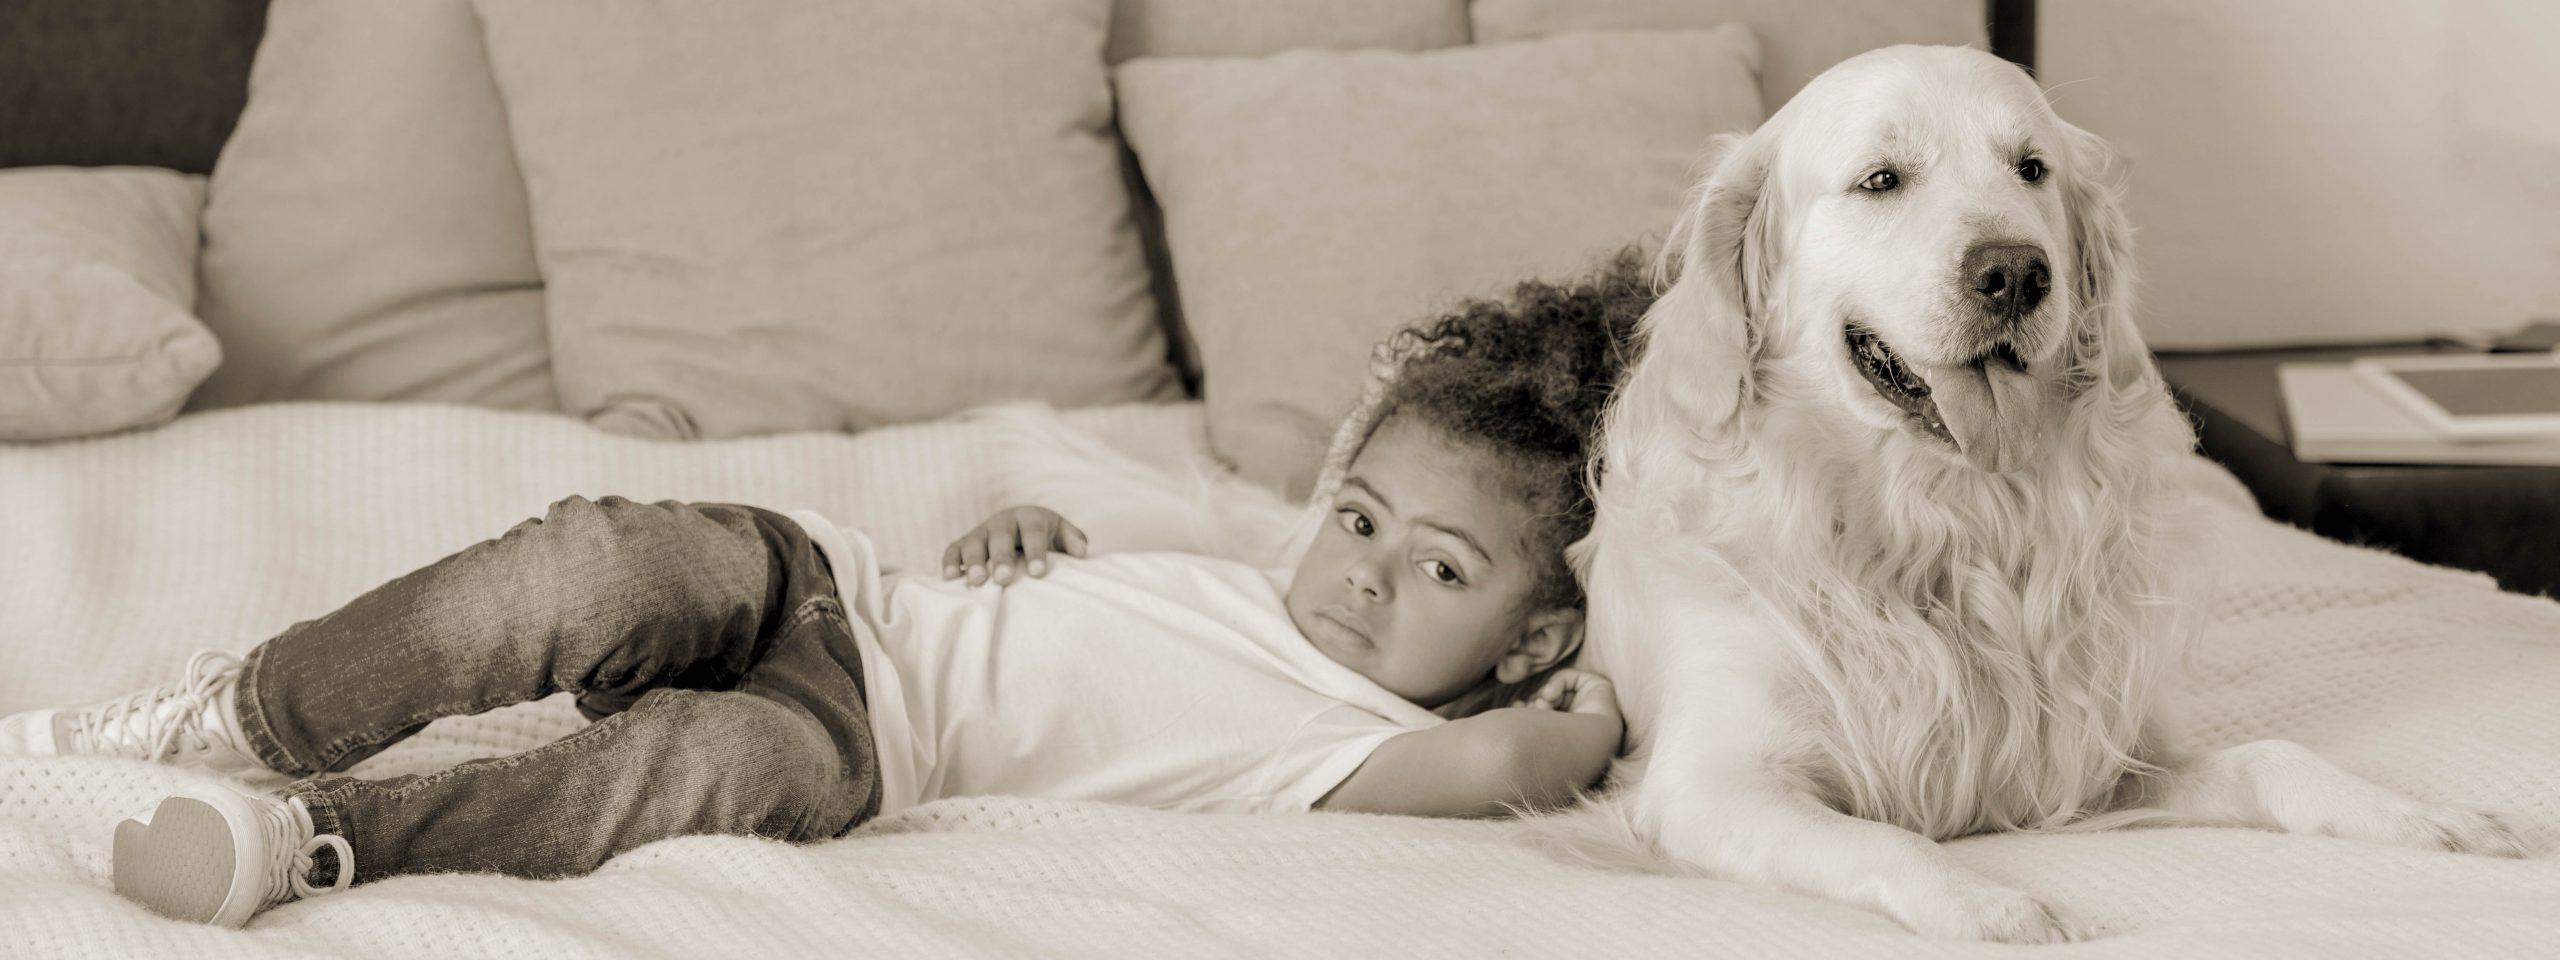 Ein Kind liegt mit einem Golden Retriever auf dem Bett